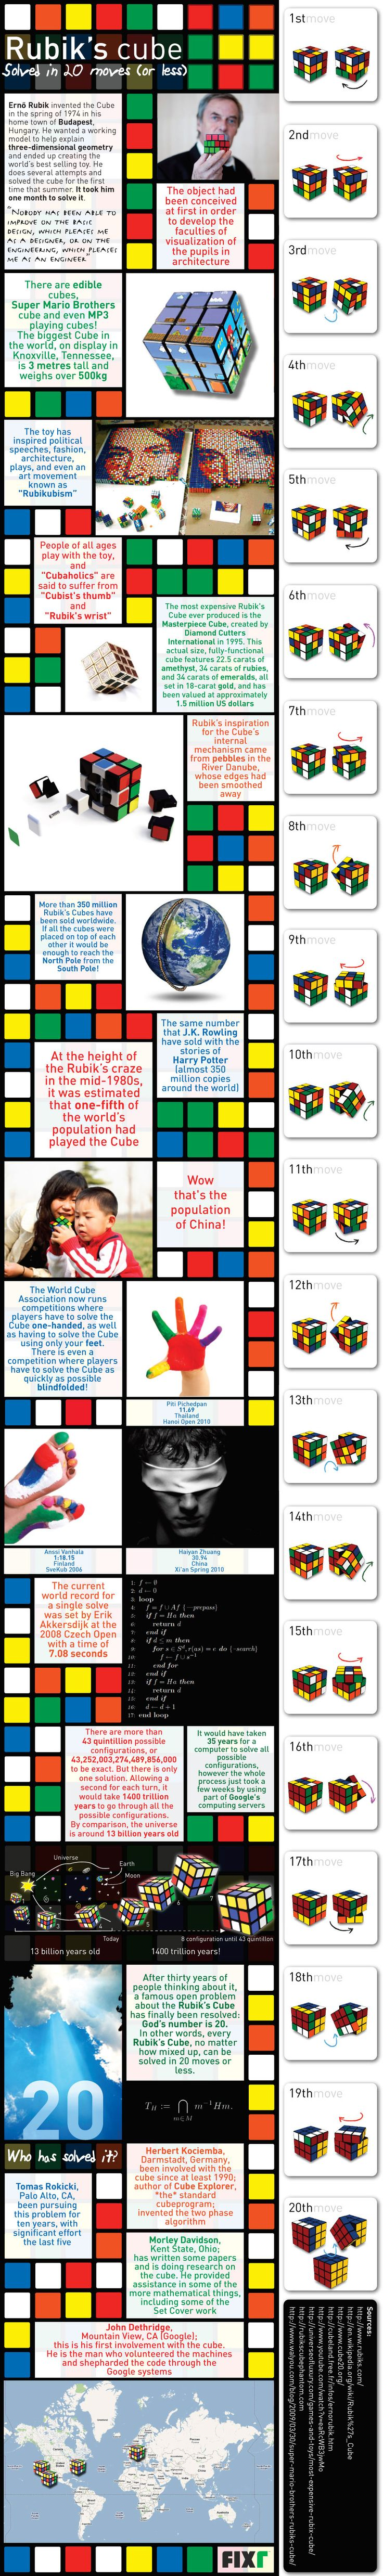 Rubik's cube: trucs et astuces pour faire le malin ... [infographie]